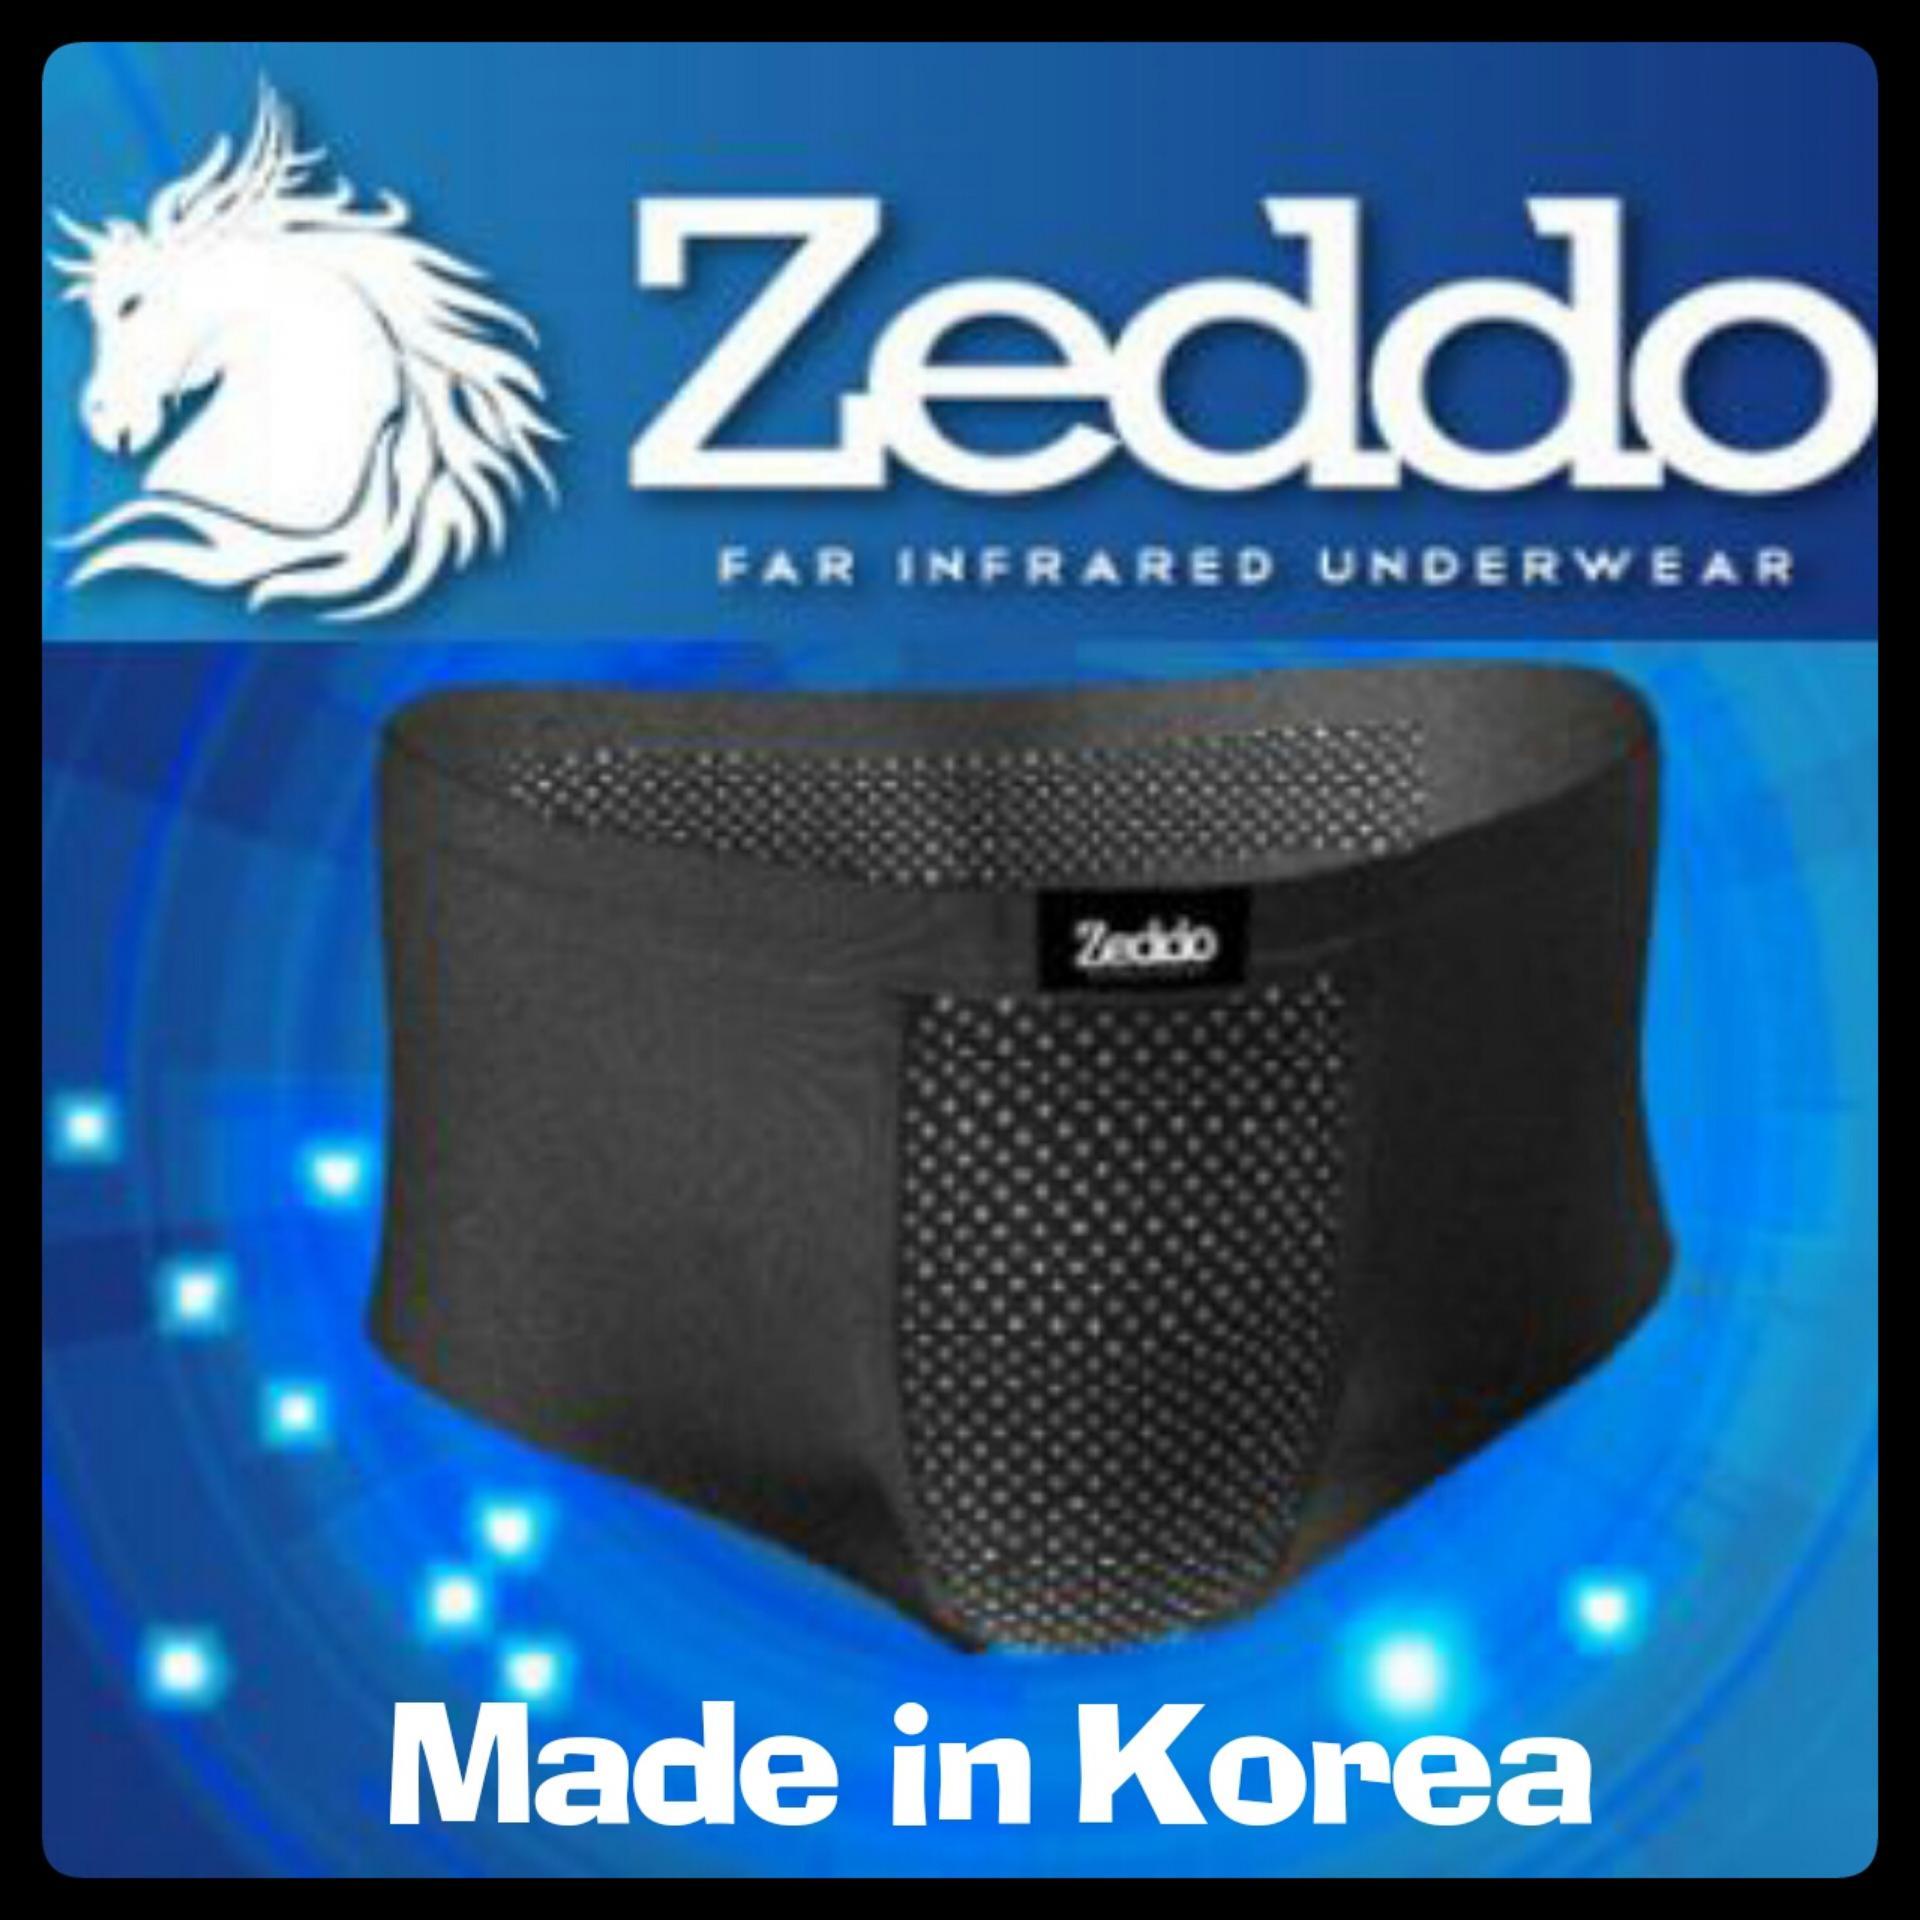 Harga Zeddo Far Infrared Underwear Pakaian Dalam Terapi Kesehatan Pria Isi 3 Pcs Di Jawa Barat